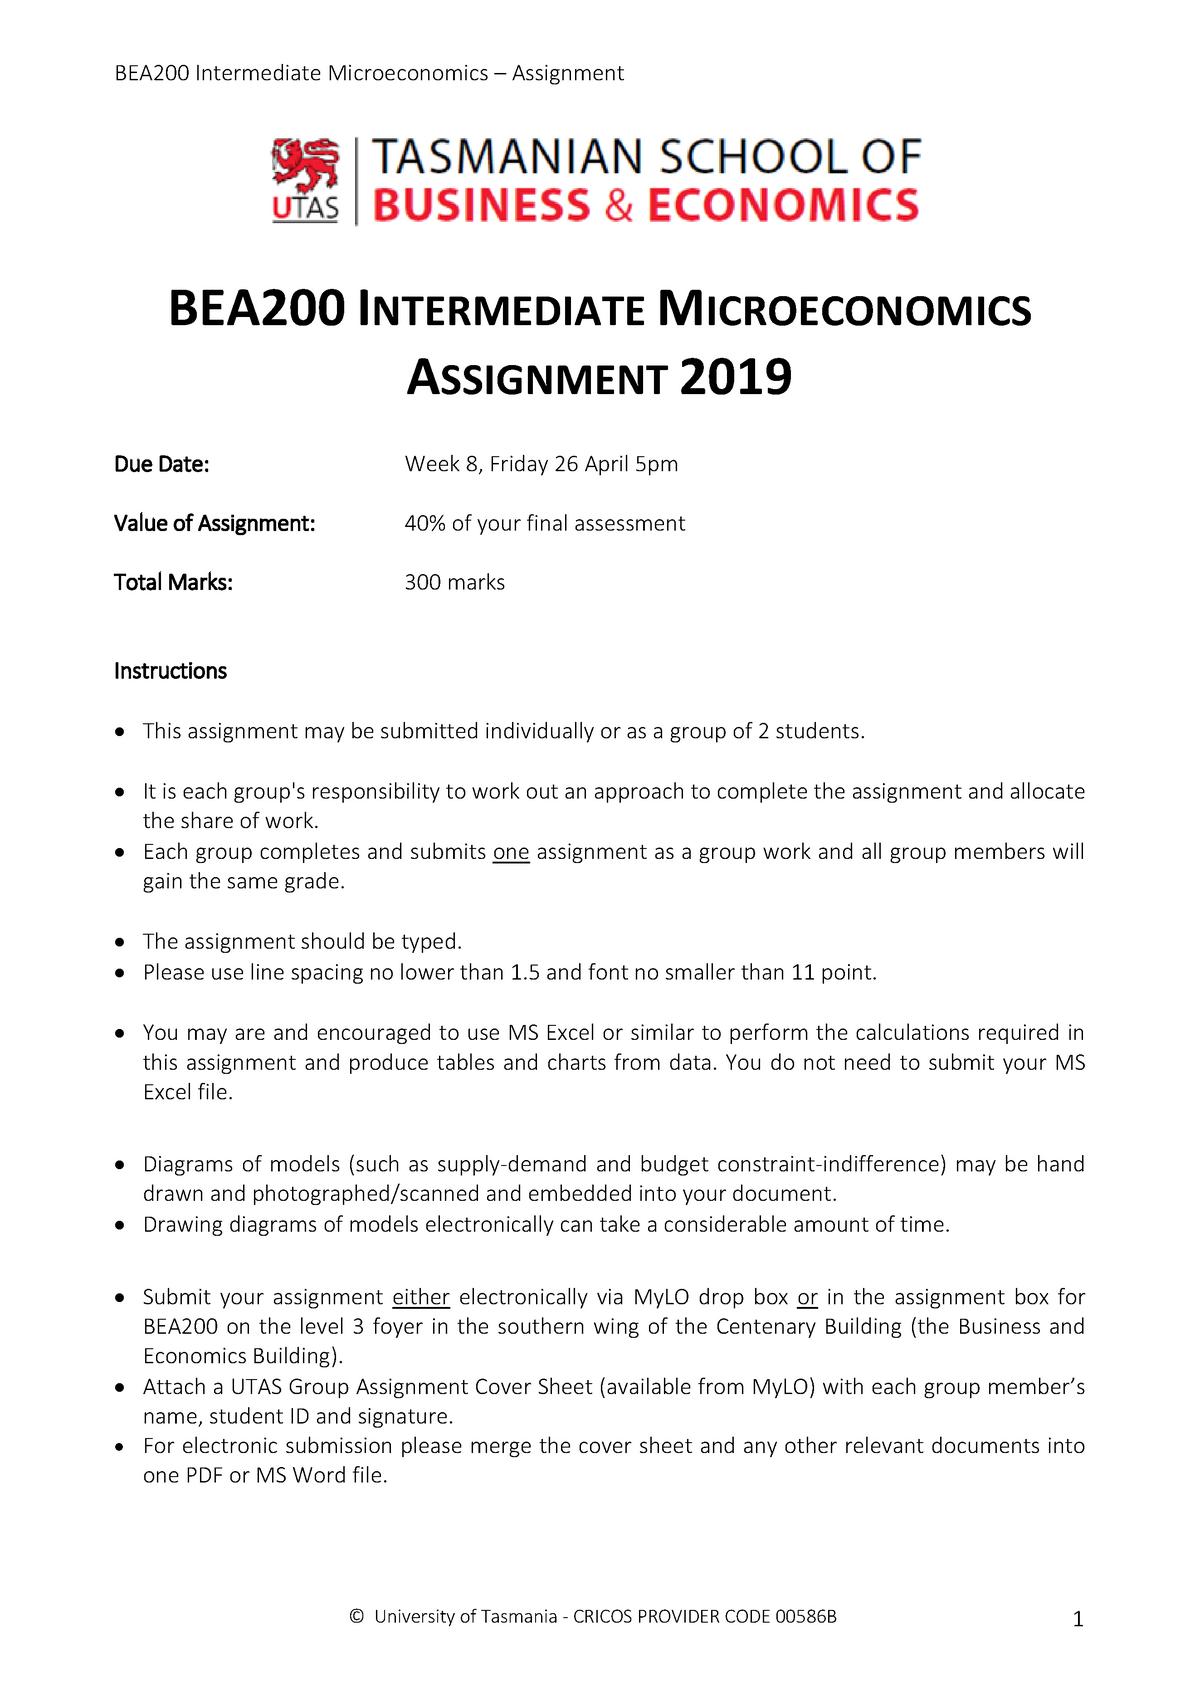 BEA200 Assignment 2019 (Qu4 TBC) - BEA140: Quantitative methods